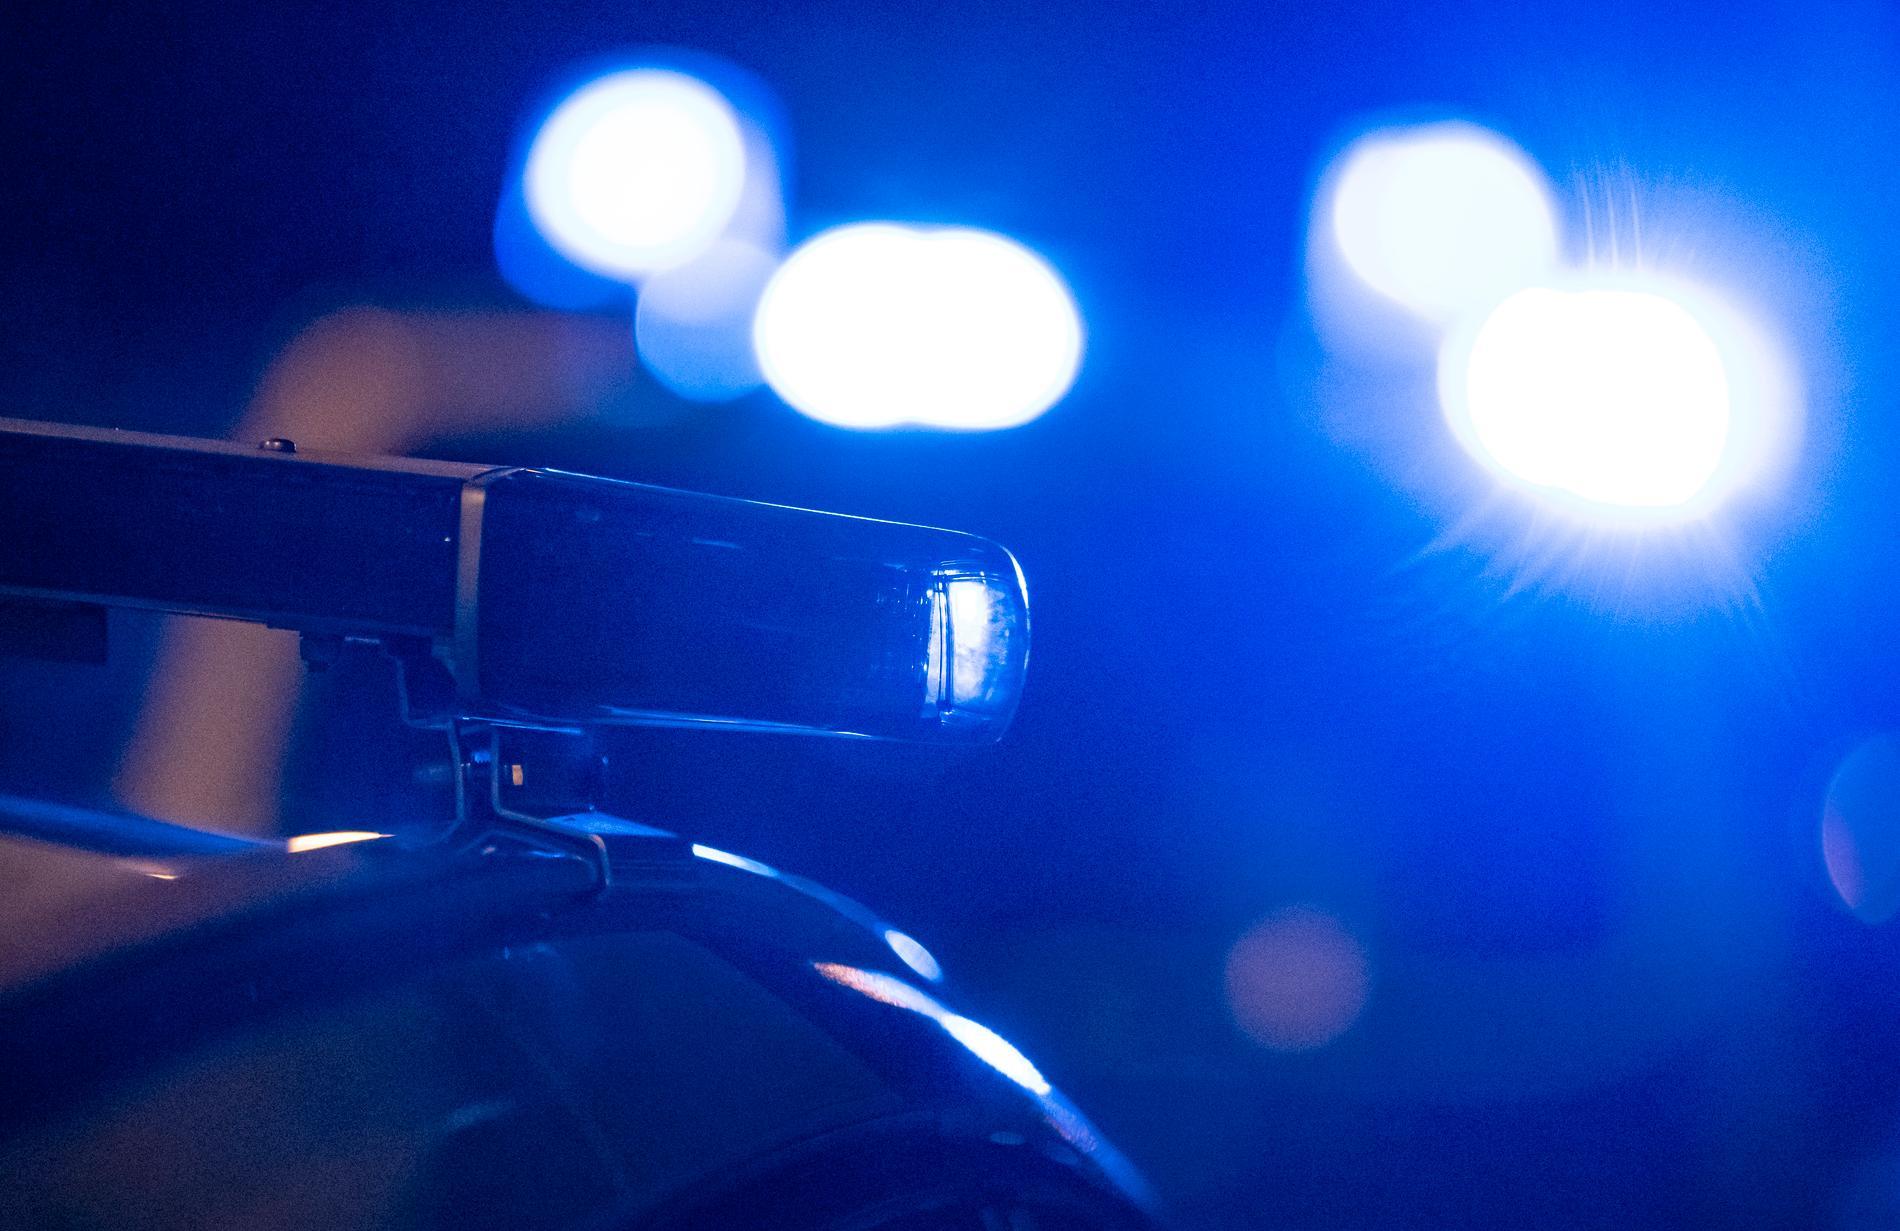 Natten till torsdag slog polisen till mot en lada i sydvästra Skåne. Sex personer har anhållits för människorov. Arkivbild.